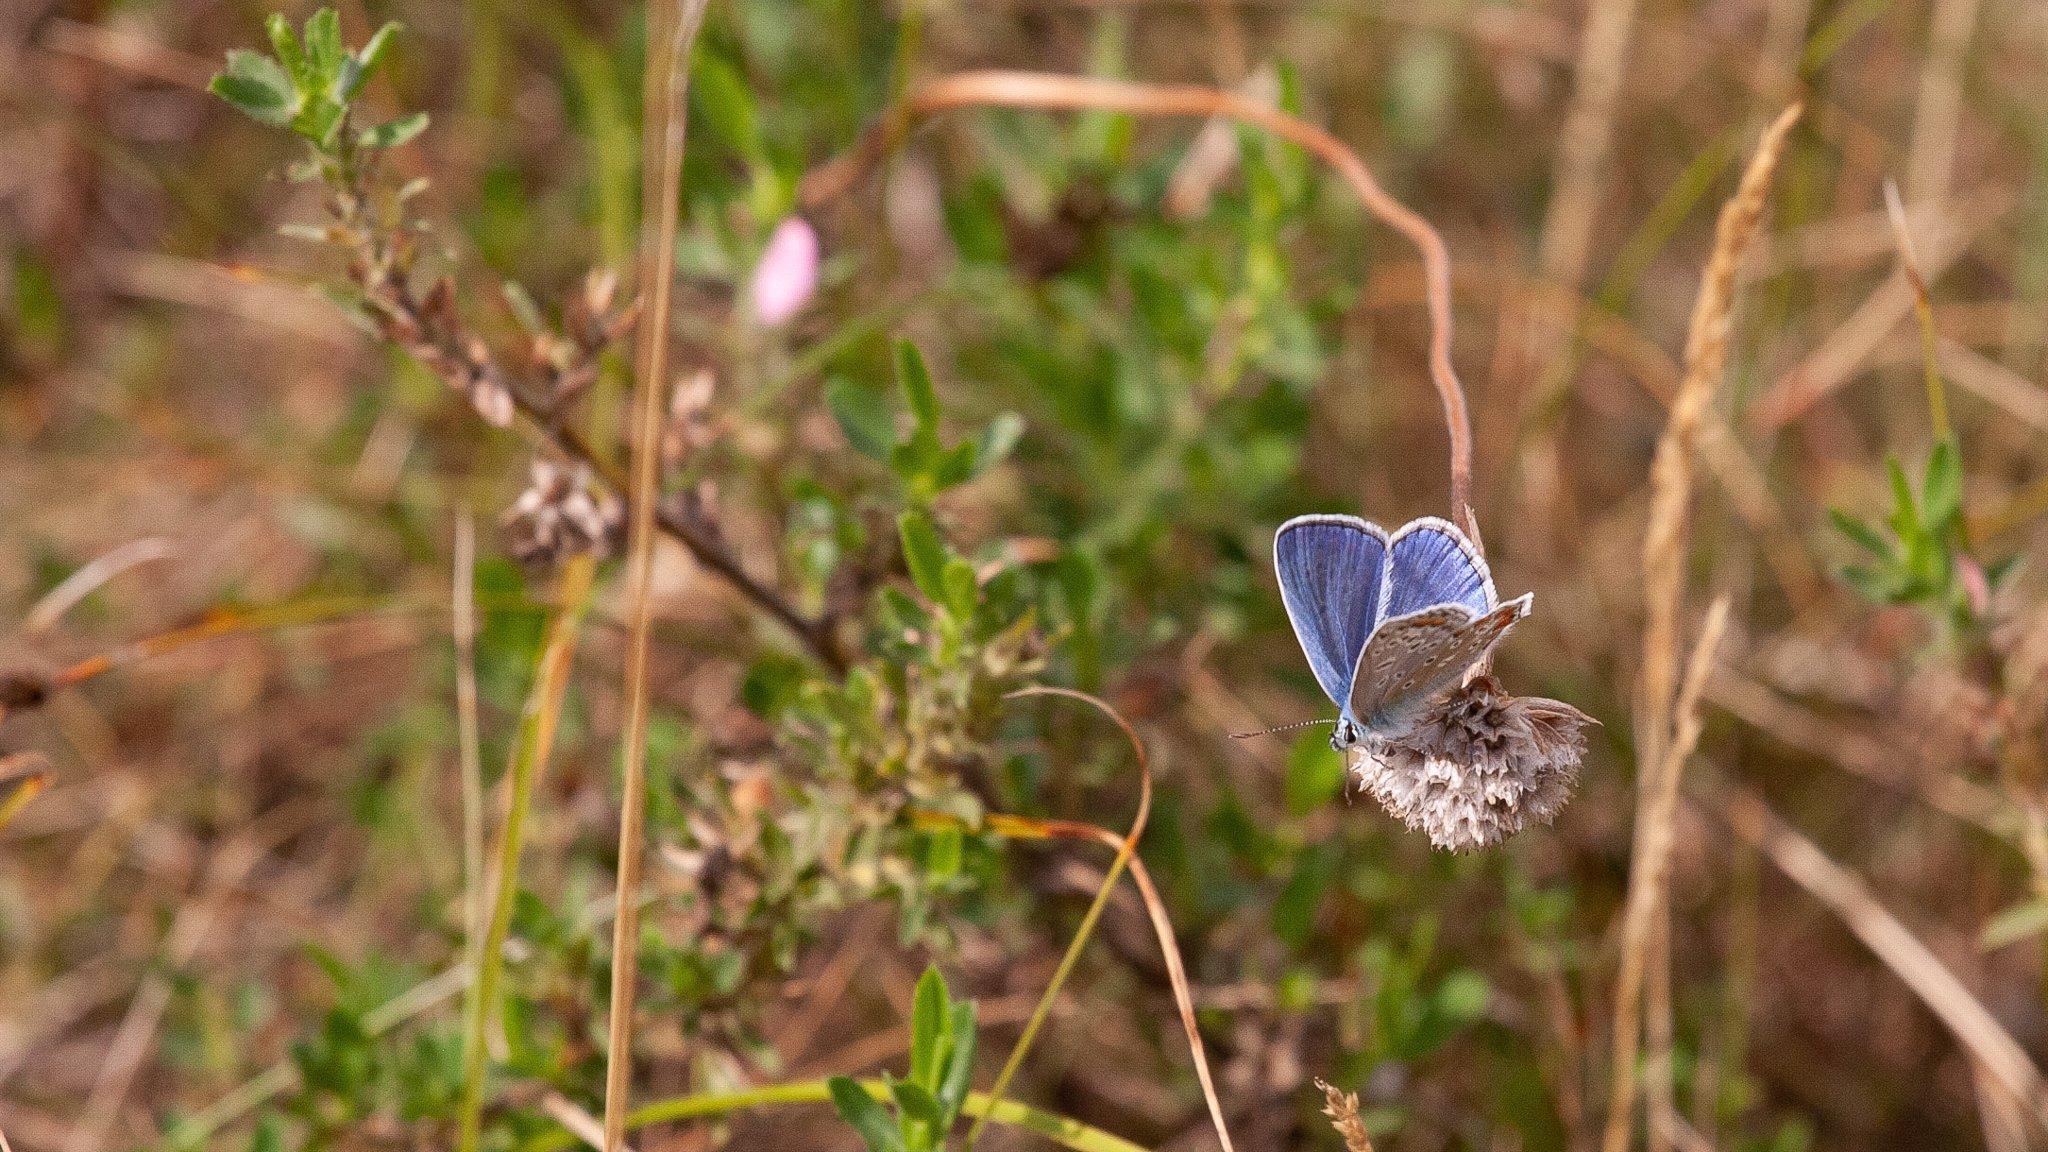 Ein blauer Schmetterling sitzt auf einer Blüte.